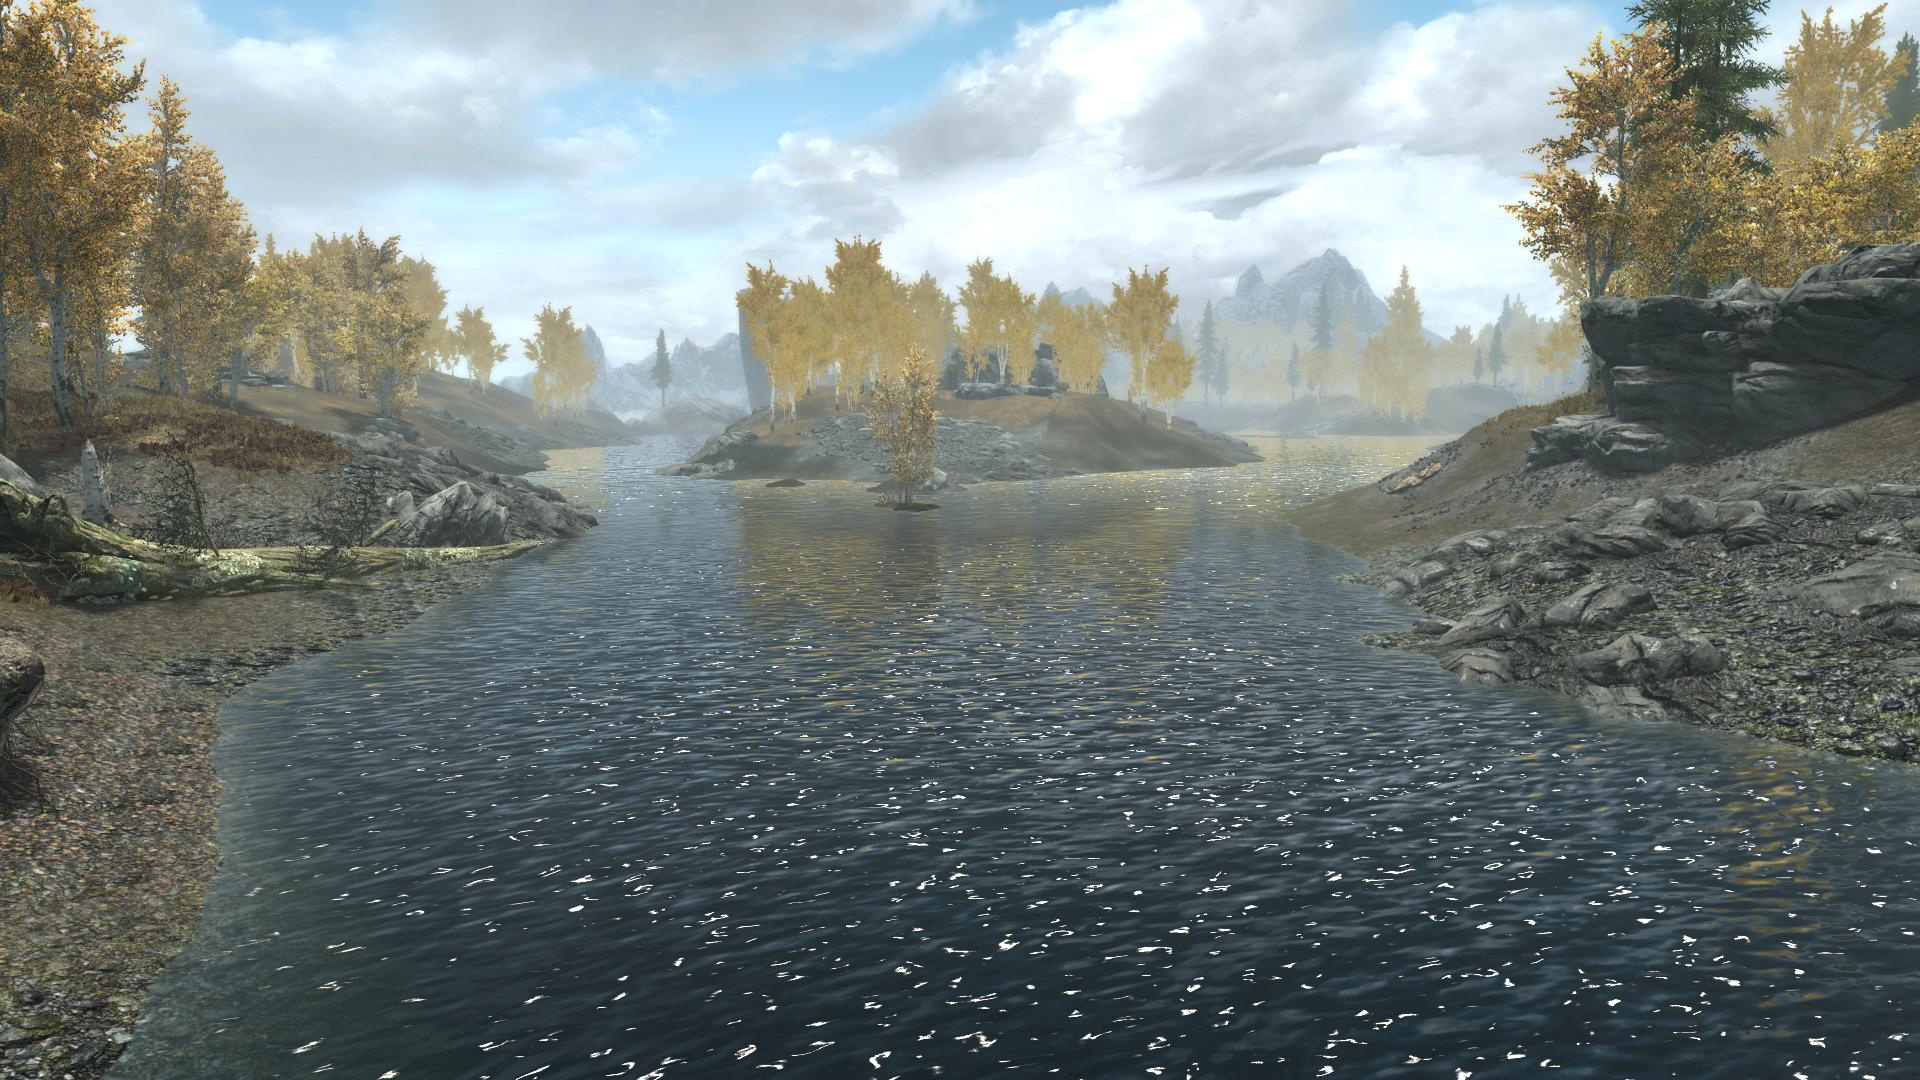 Lake Geir